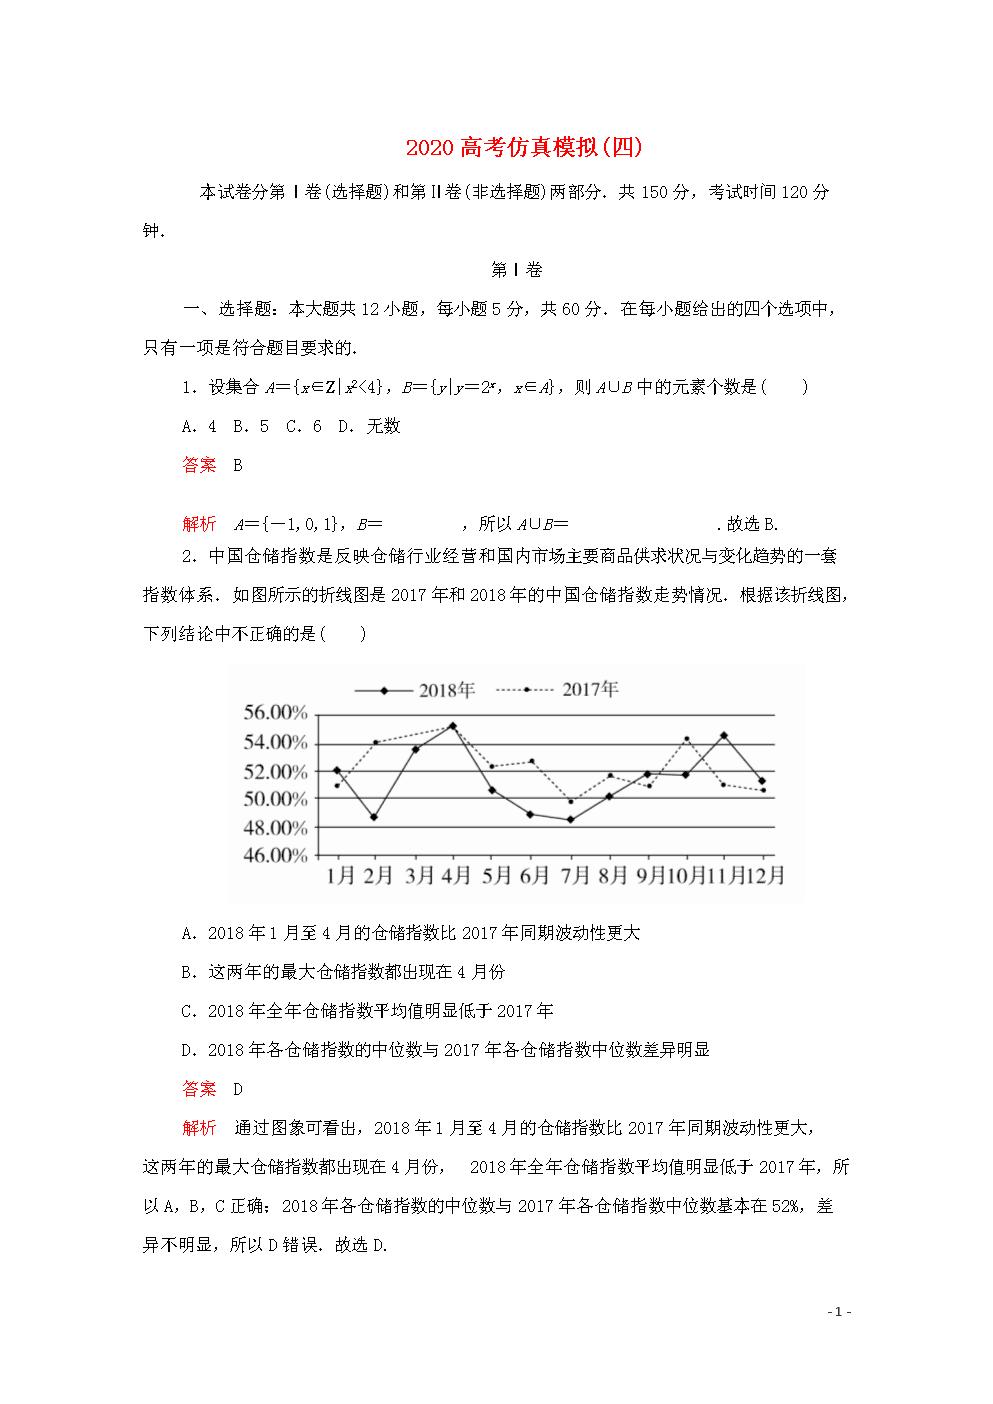 2020届高考数学大二轮复习 冲刺经典专题 高考仿真模拟(四)文.doc